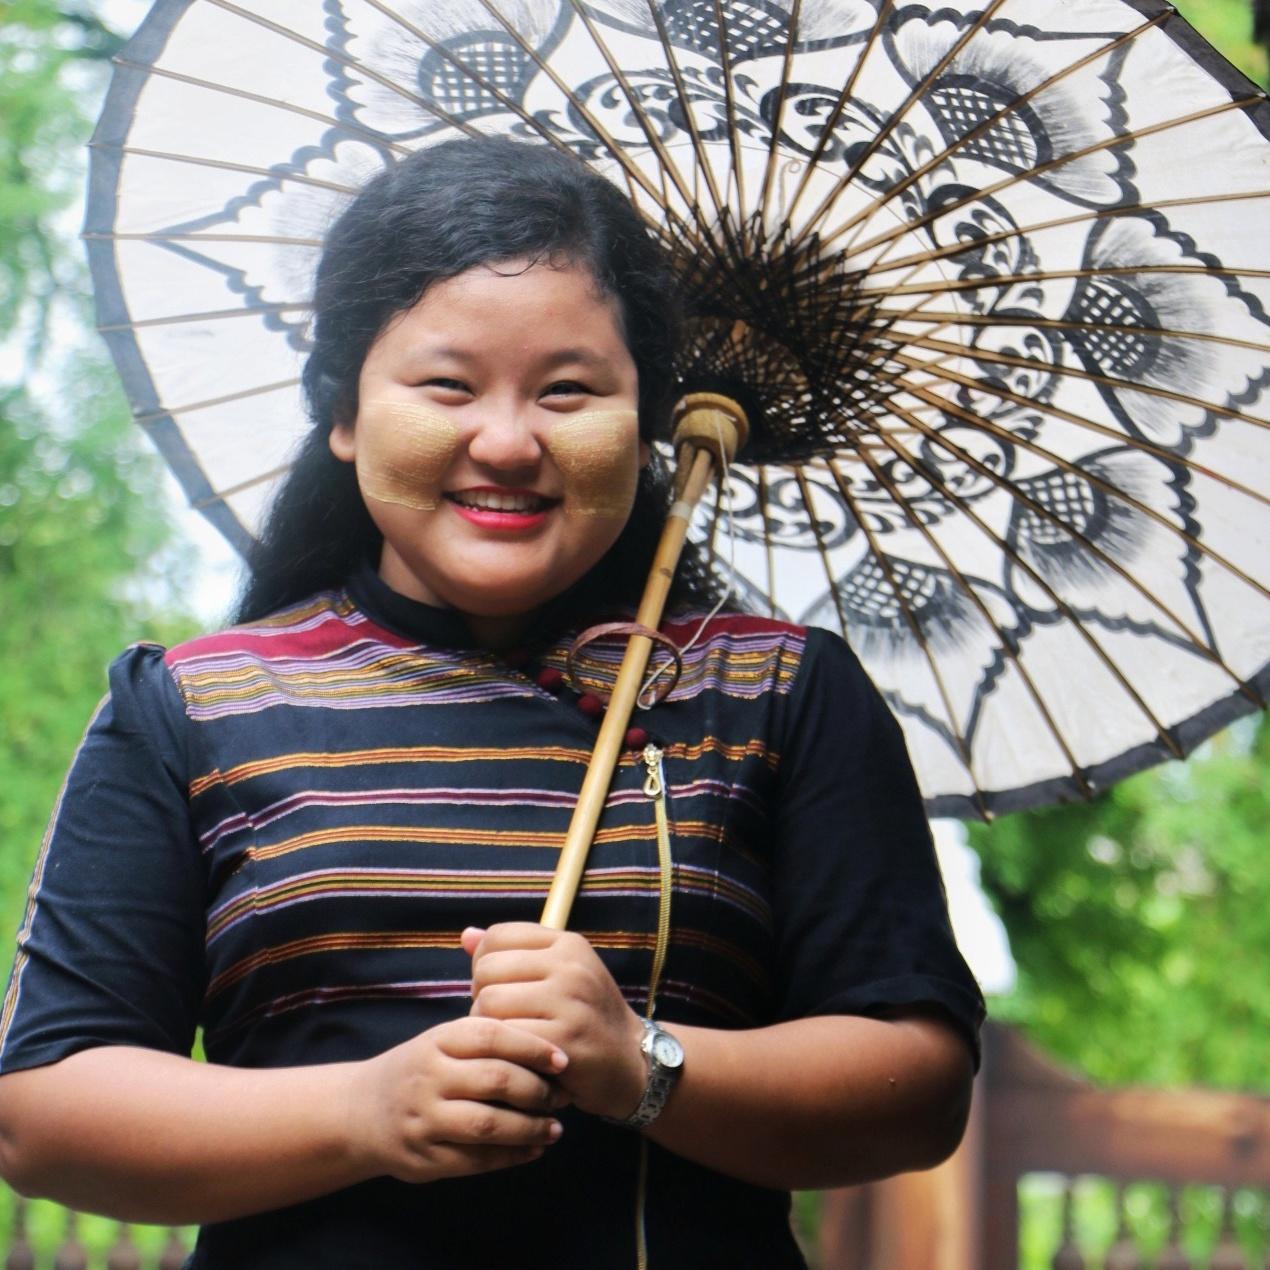 1. Ms. Ton Ton's photo